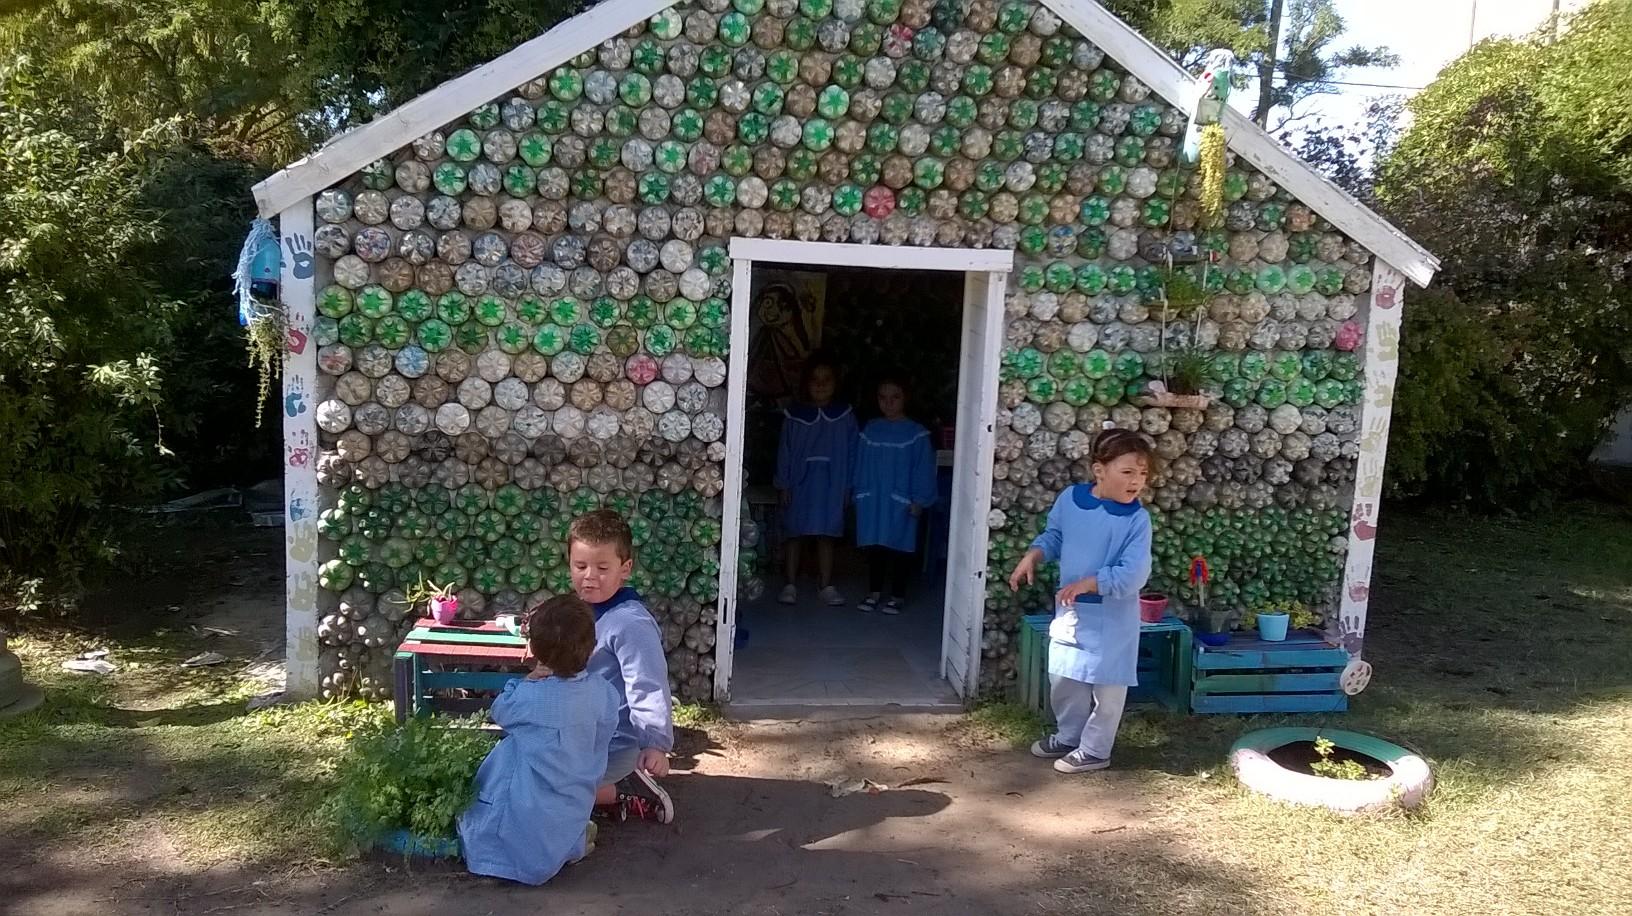 29-marzo2016 - Aprenden sobre el cuidado del medio ambiente mientras construyen una casita de botellas 2